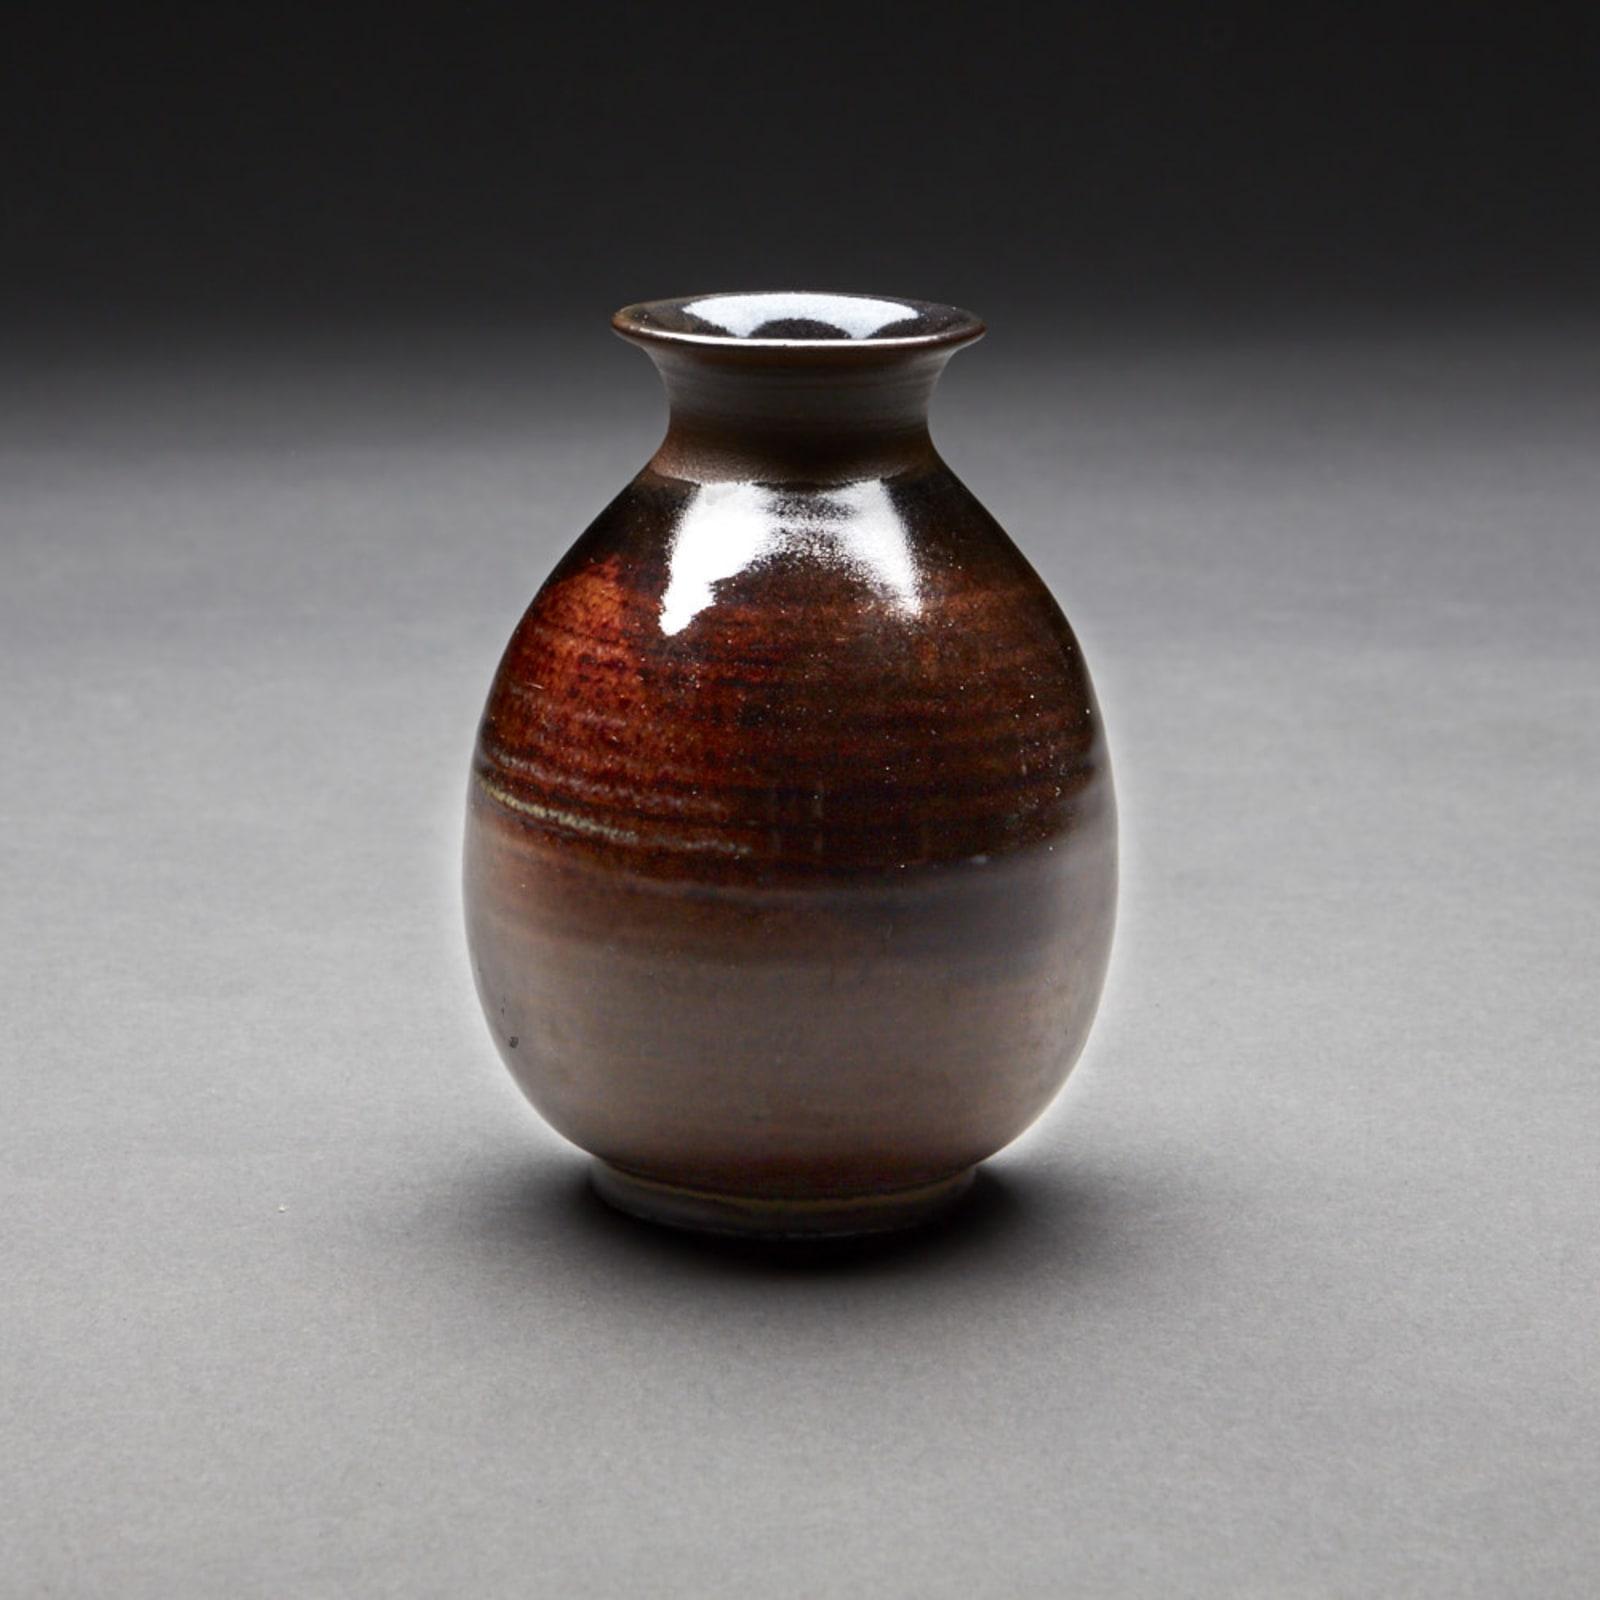 Takatori  39 , 2016  Tenmoku Glazed Porcelain  10.8 x 7.8 x 7.8 cm